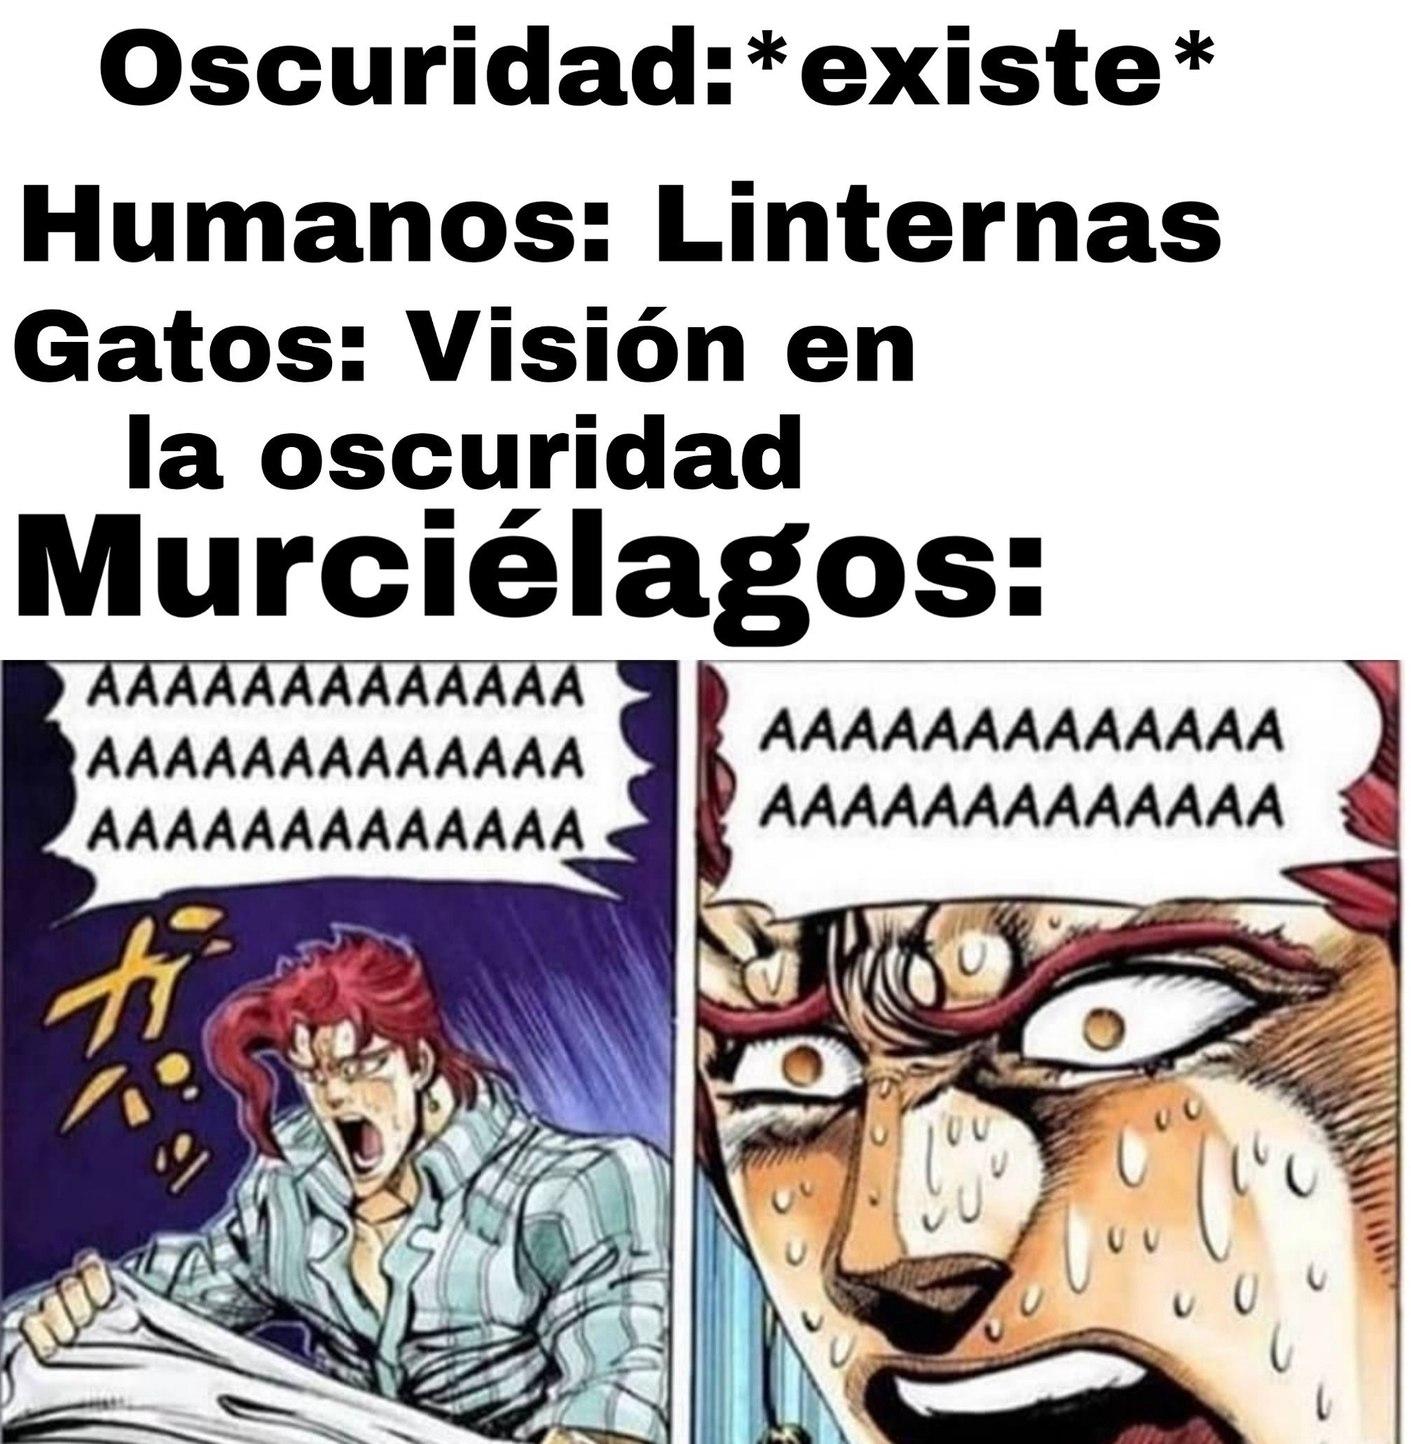 AAAAAAAAAAAAAAAAAAAAAA - meme